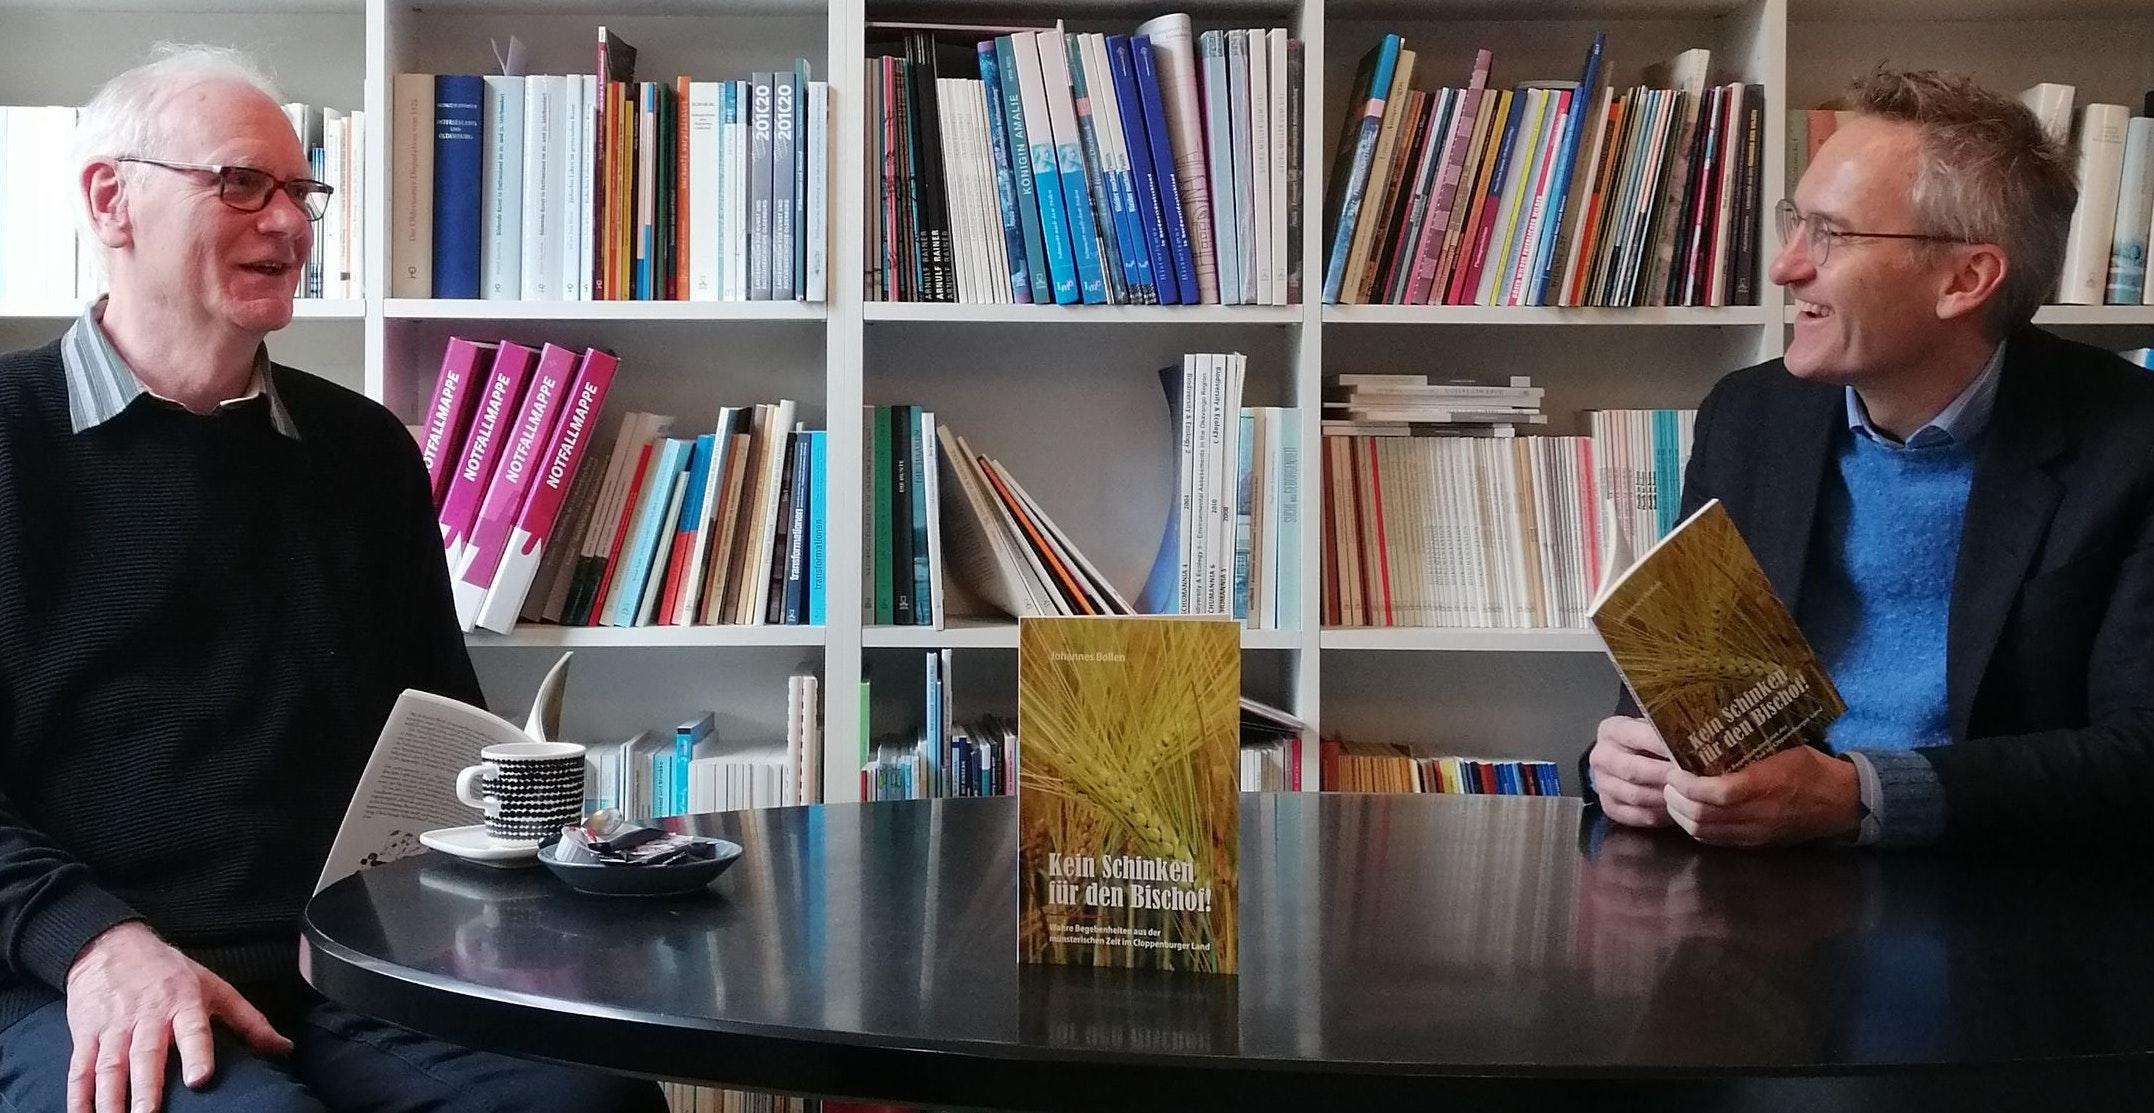 Autor und Verleger: Johannes Bollen (links) und Florian Isensee freuen sich über das fertige Buch. Foto: Verlag Isensee